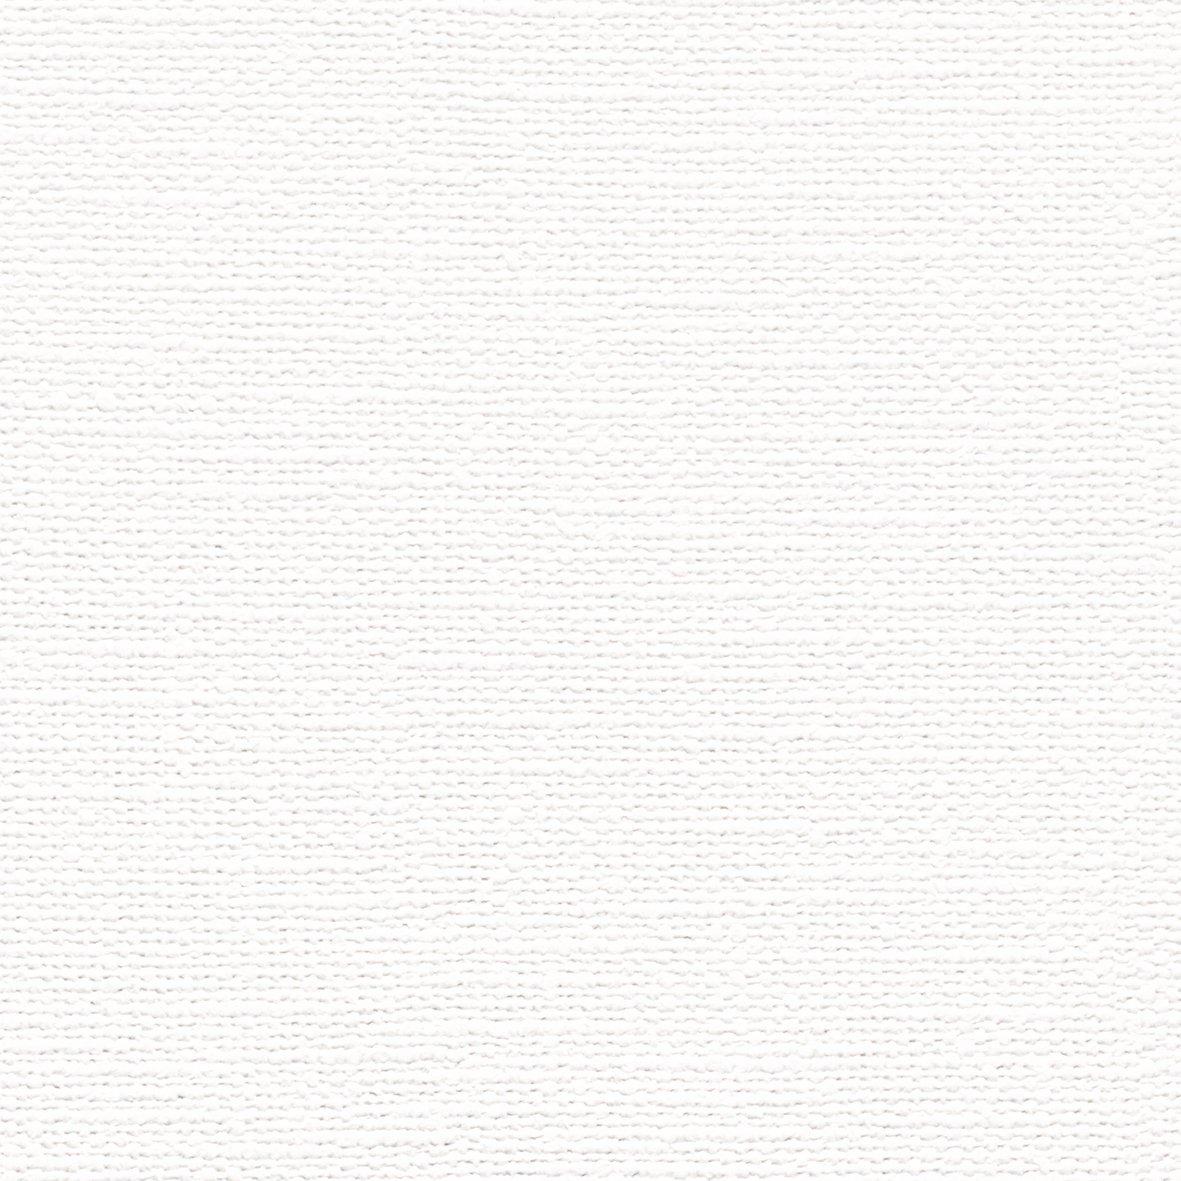 リリカラ 壁紙41m シンフル 織物調 ホワイト 織物調 LB-9012 B01IHT053W 41m